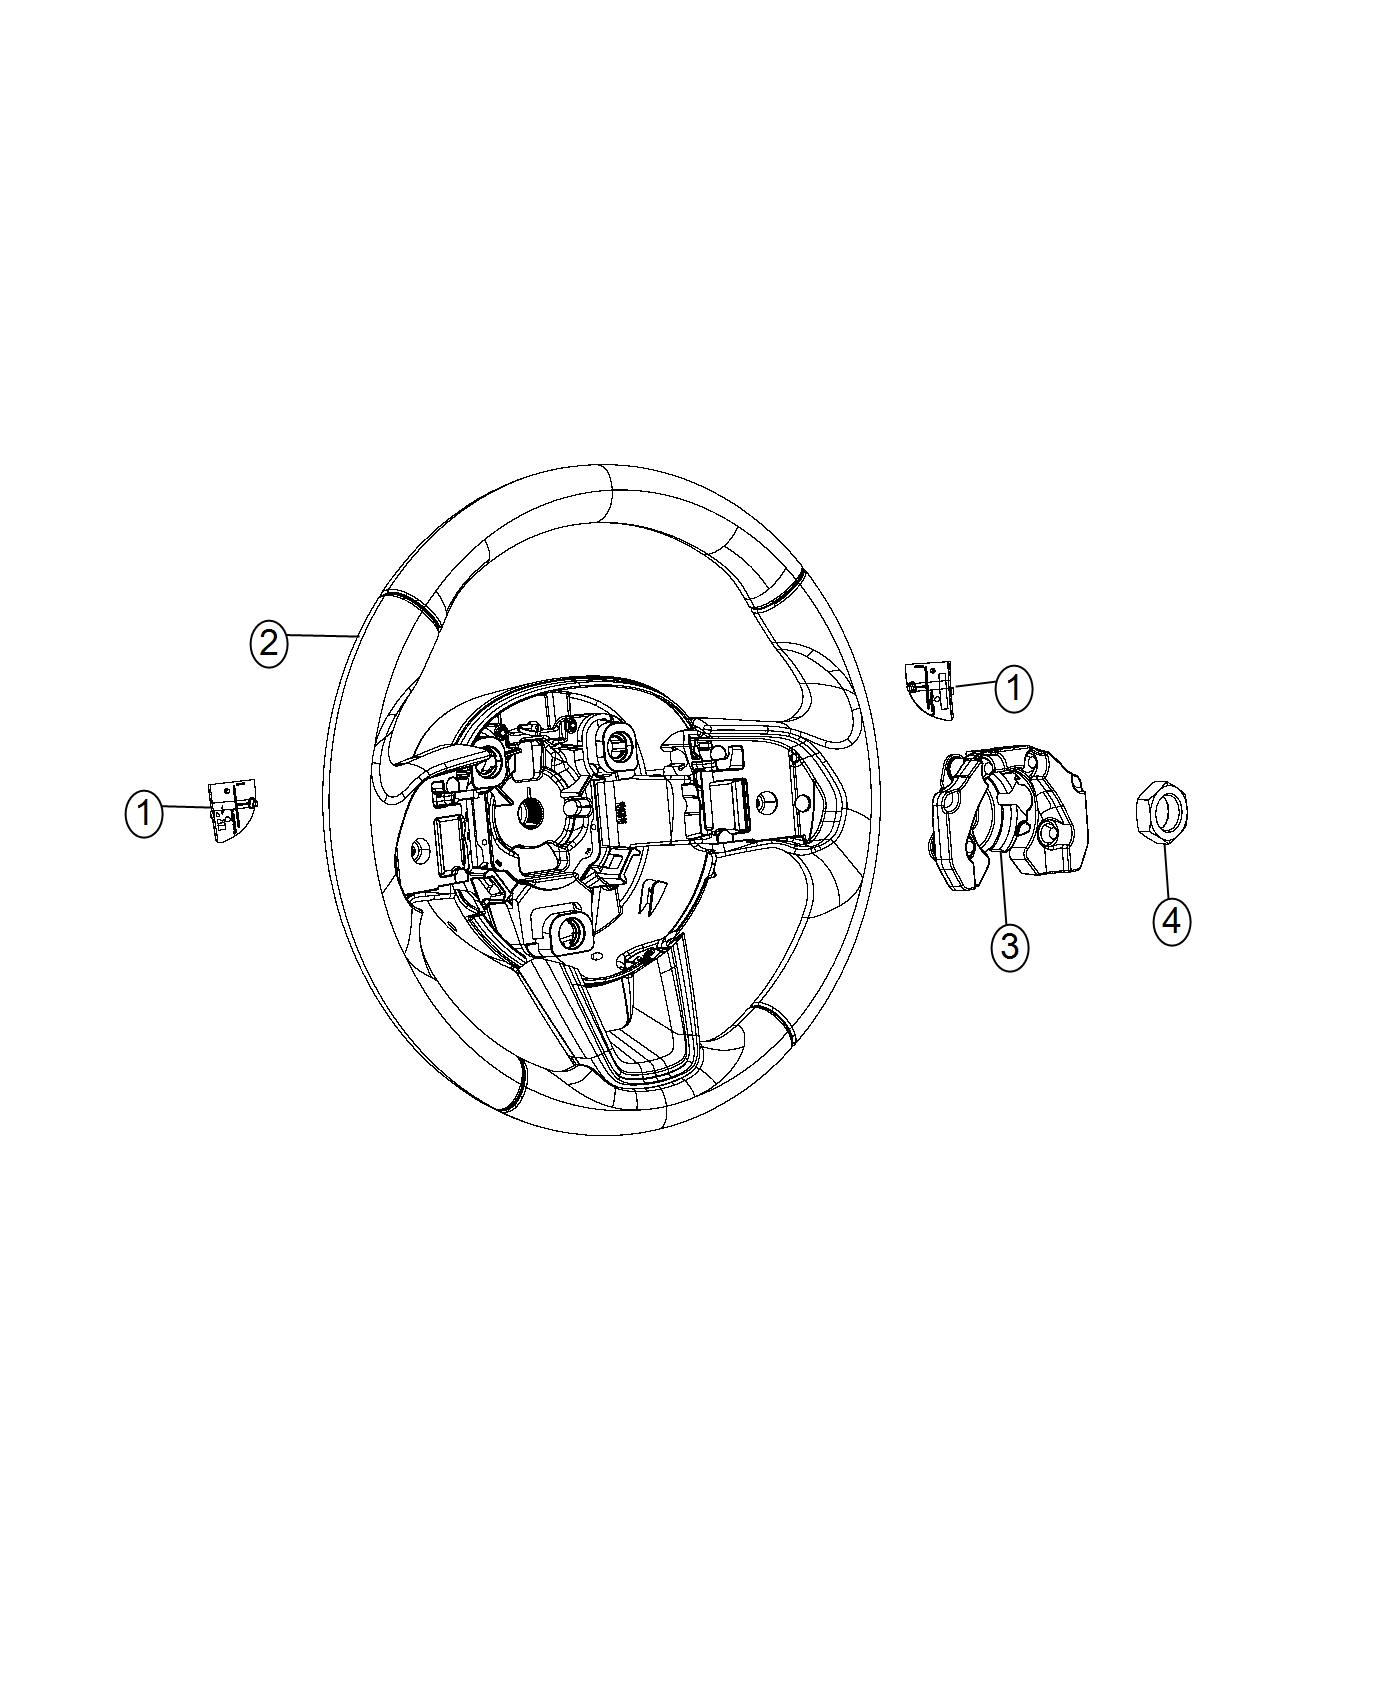 Jeep Compass Wheel Steering Export Trim No